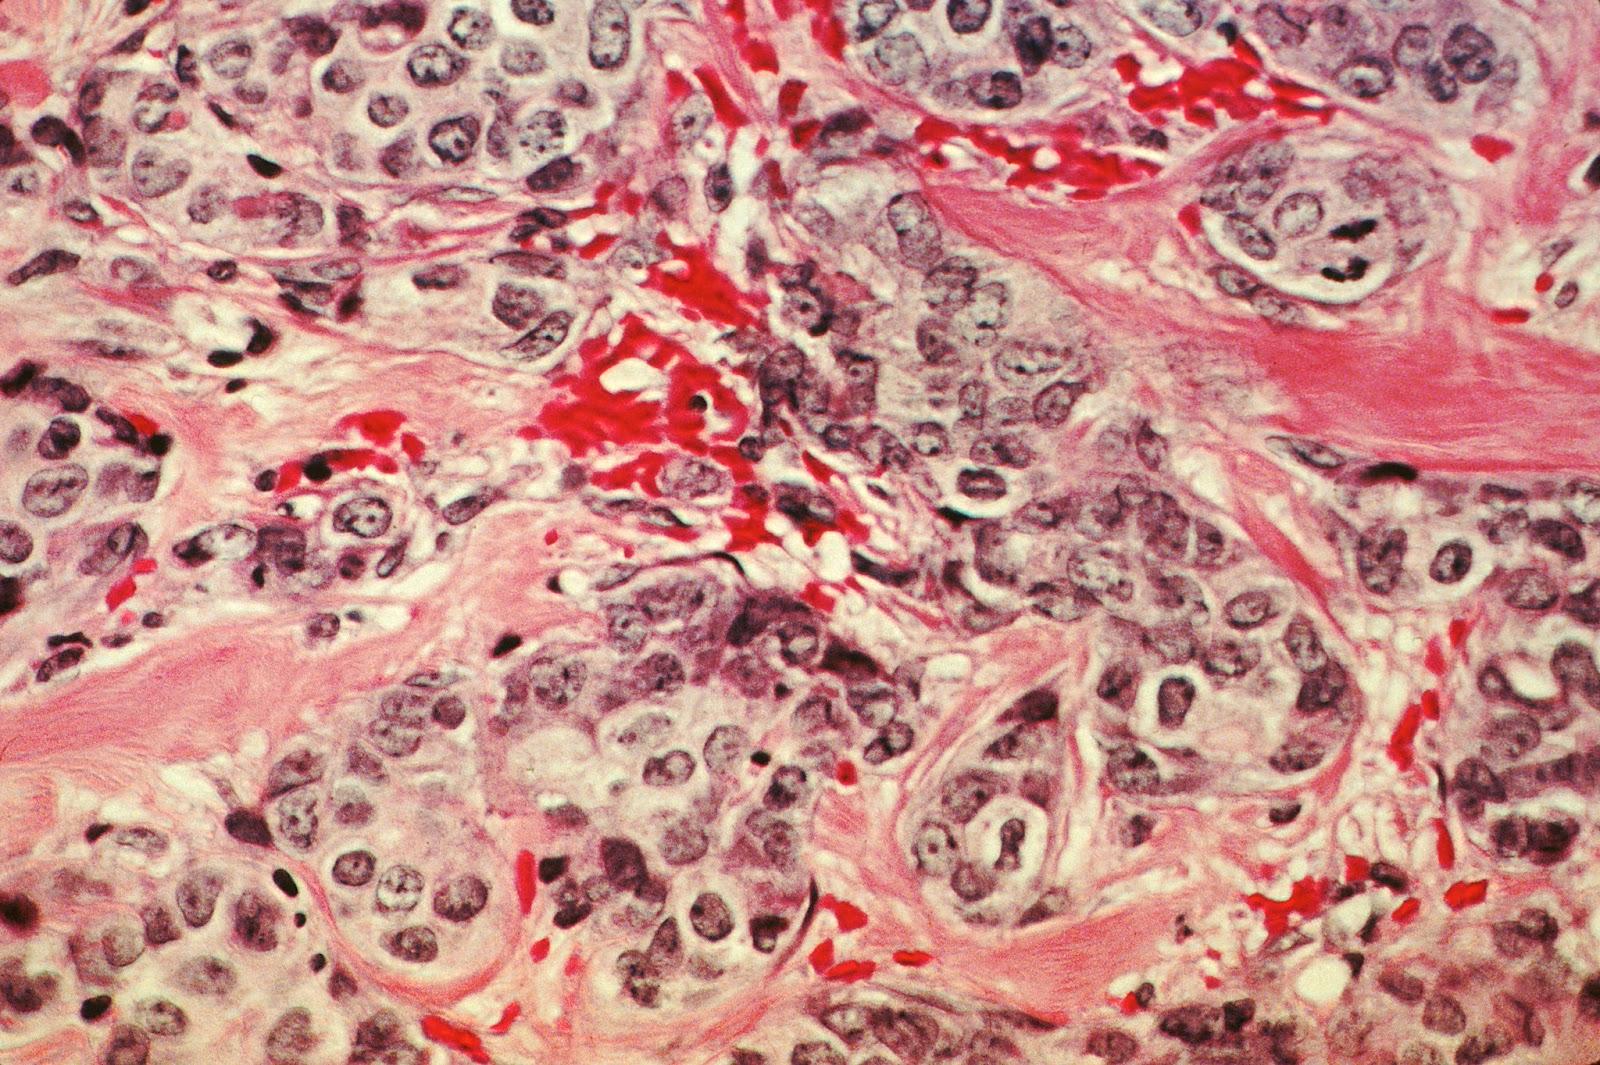 Fakta Asas Kanser Yang Patut Kita Tahu Dan Boleh ke Sekat Pertumbuhan Sel Kanser Sebelum ianya PARAH?